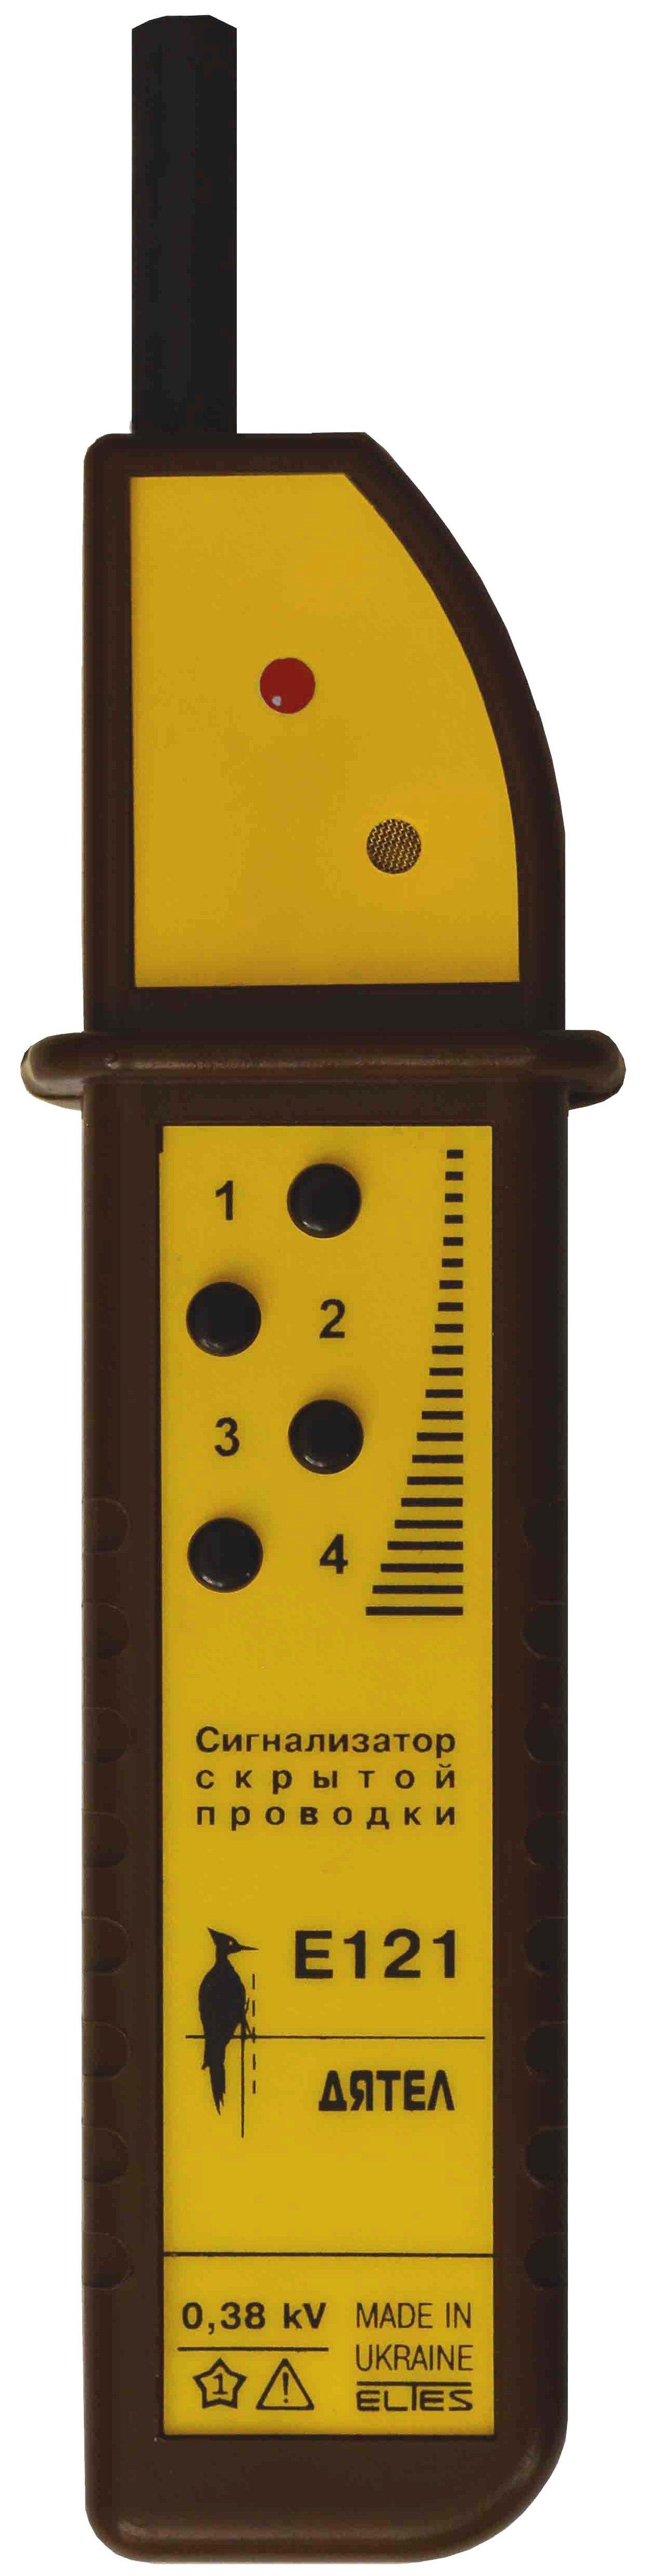 инструкция сигнализатора е 121 дятел